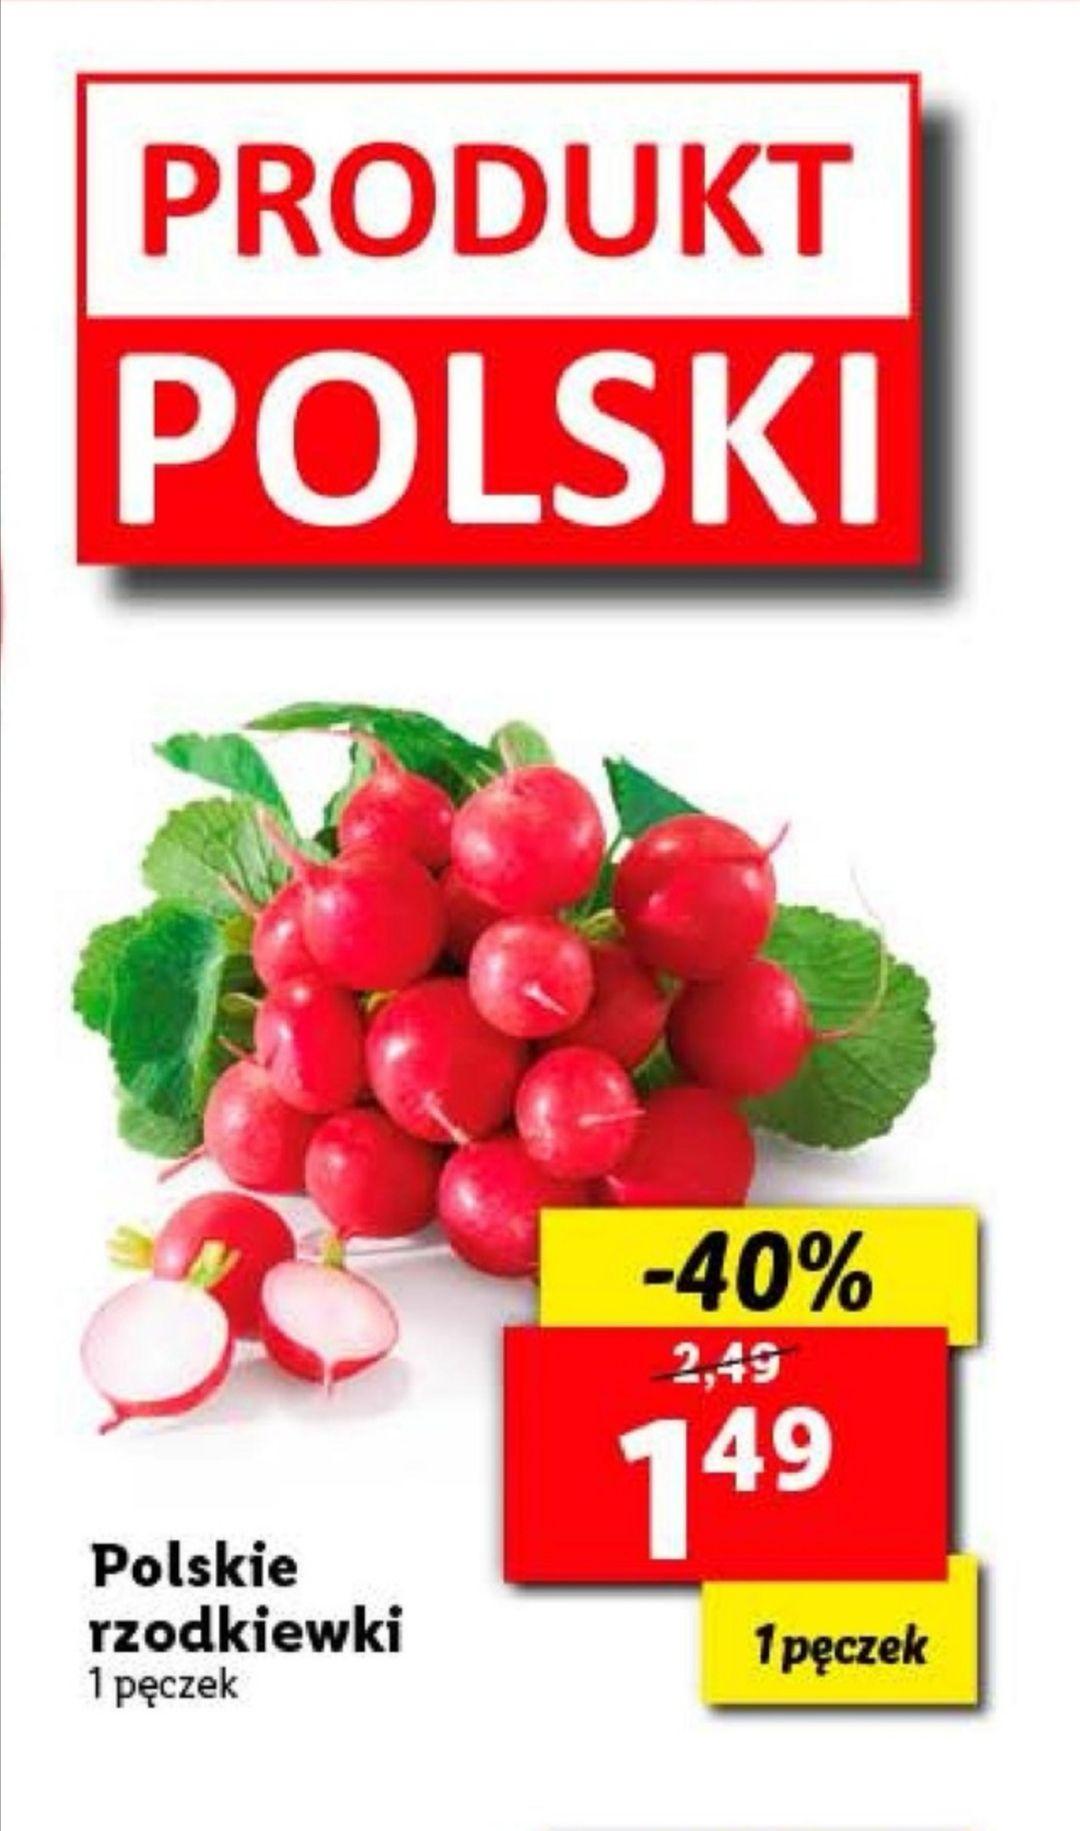 Polska rzodkiewka 1.49zł w Lidl